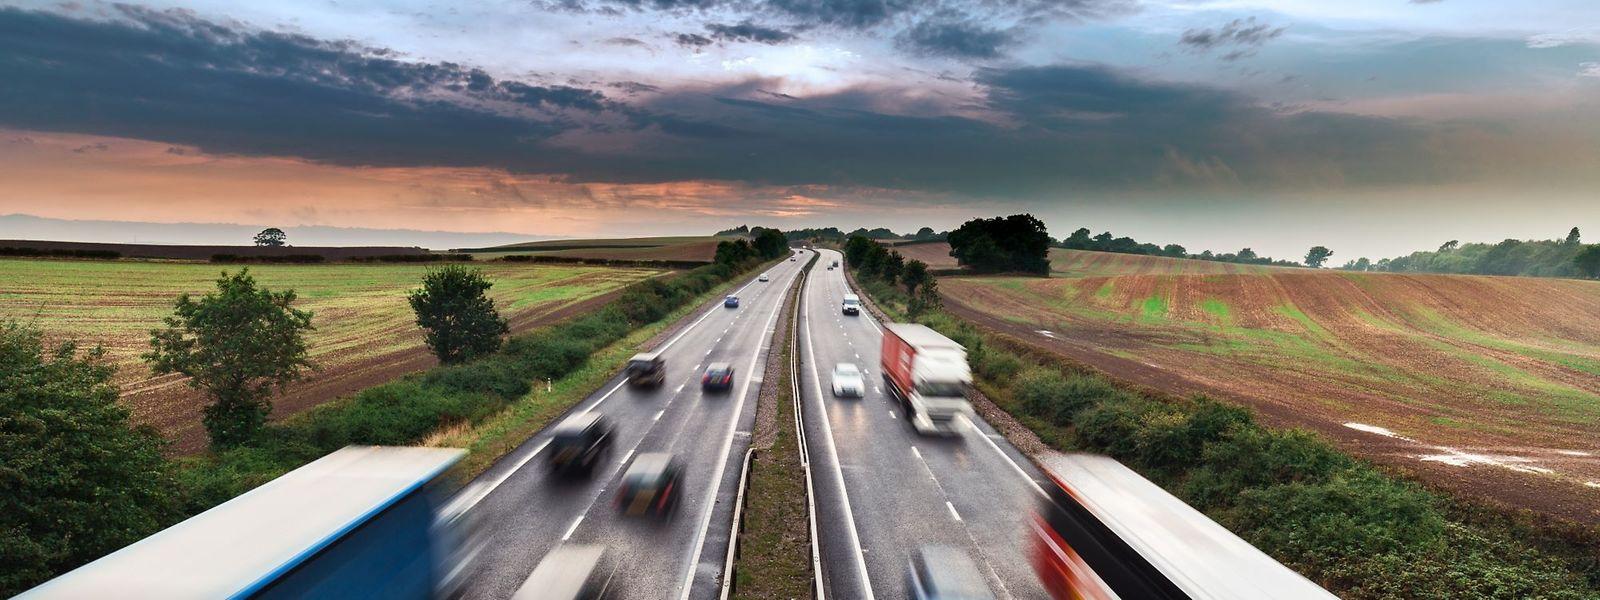 La mobilité et le transport figurent parmi les principales sources d'émissions de C02 au Luxembourg.